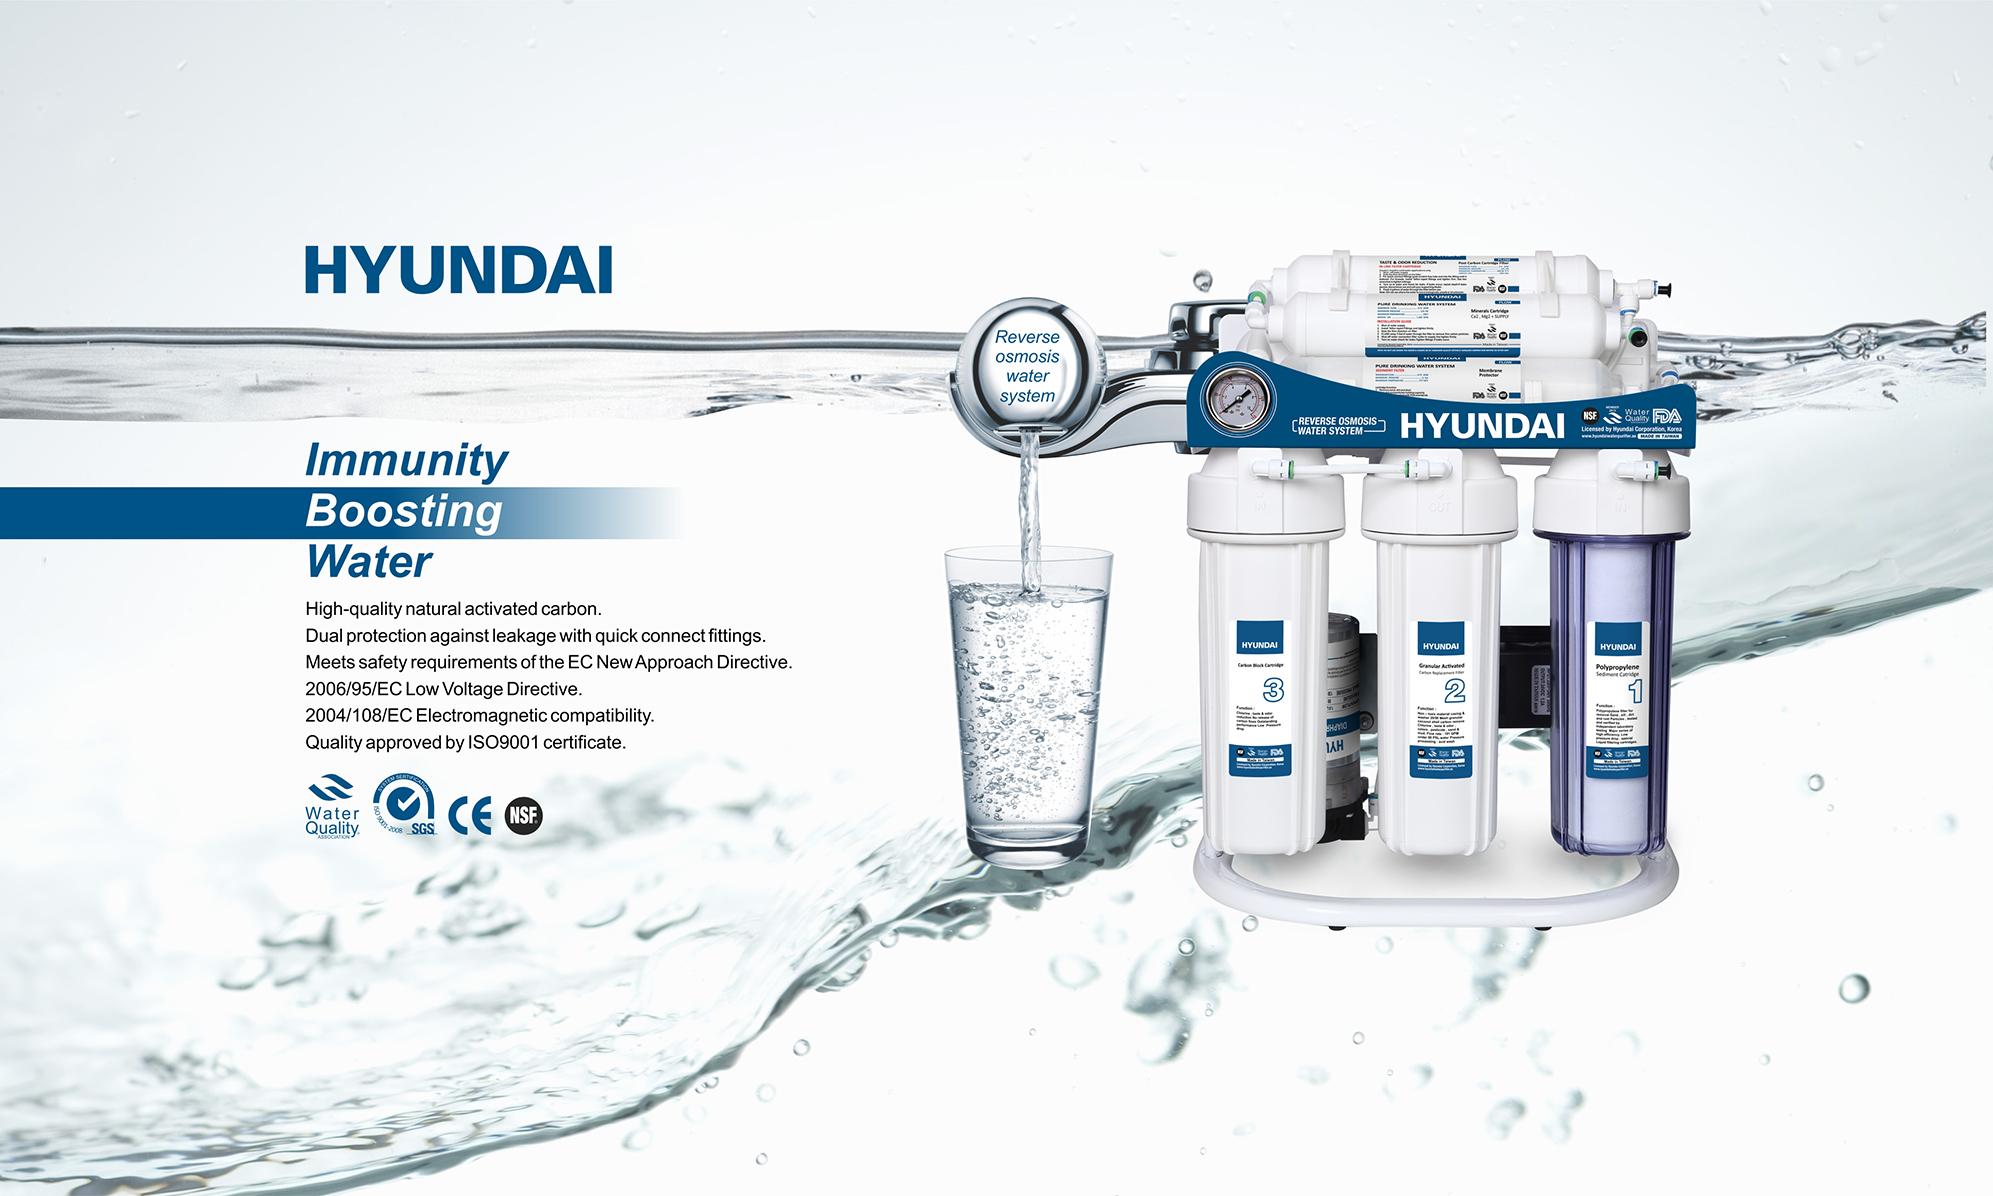 hyundaiwaterpurifier.ae